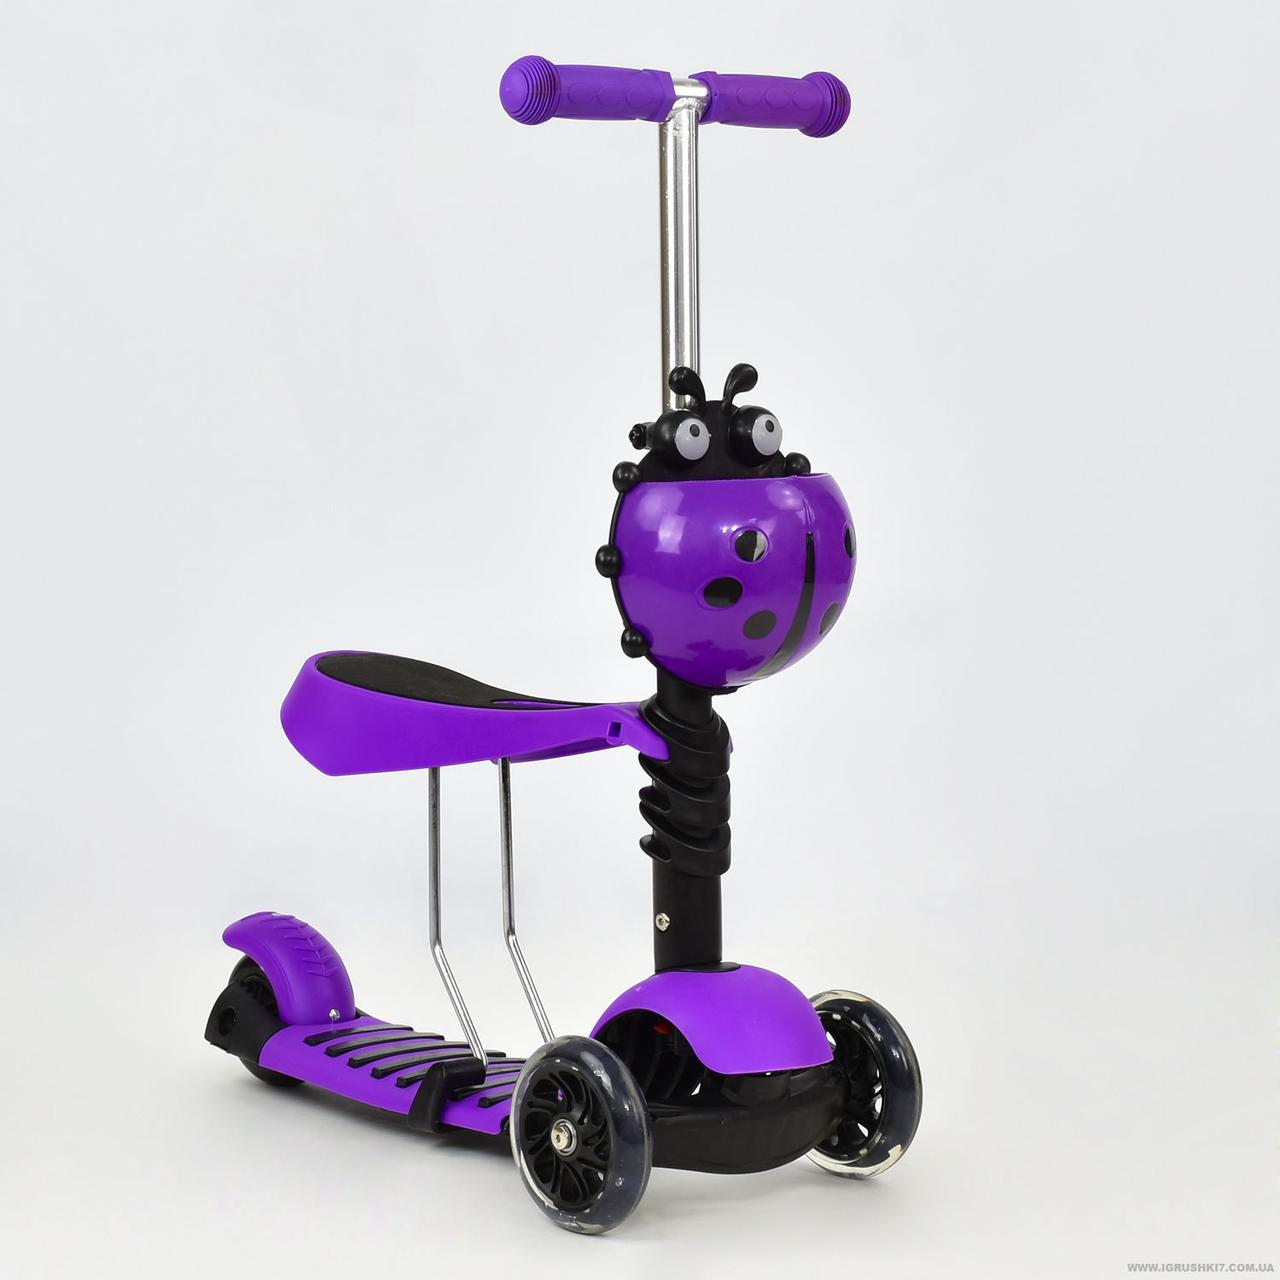 Детский самокат Scooter 3в1 , сиденье, корзинка, А 24672 - 1070 фиолет